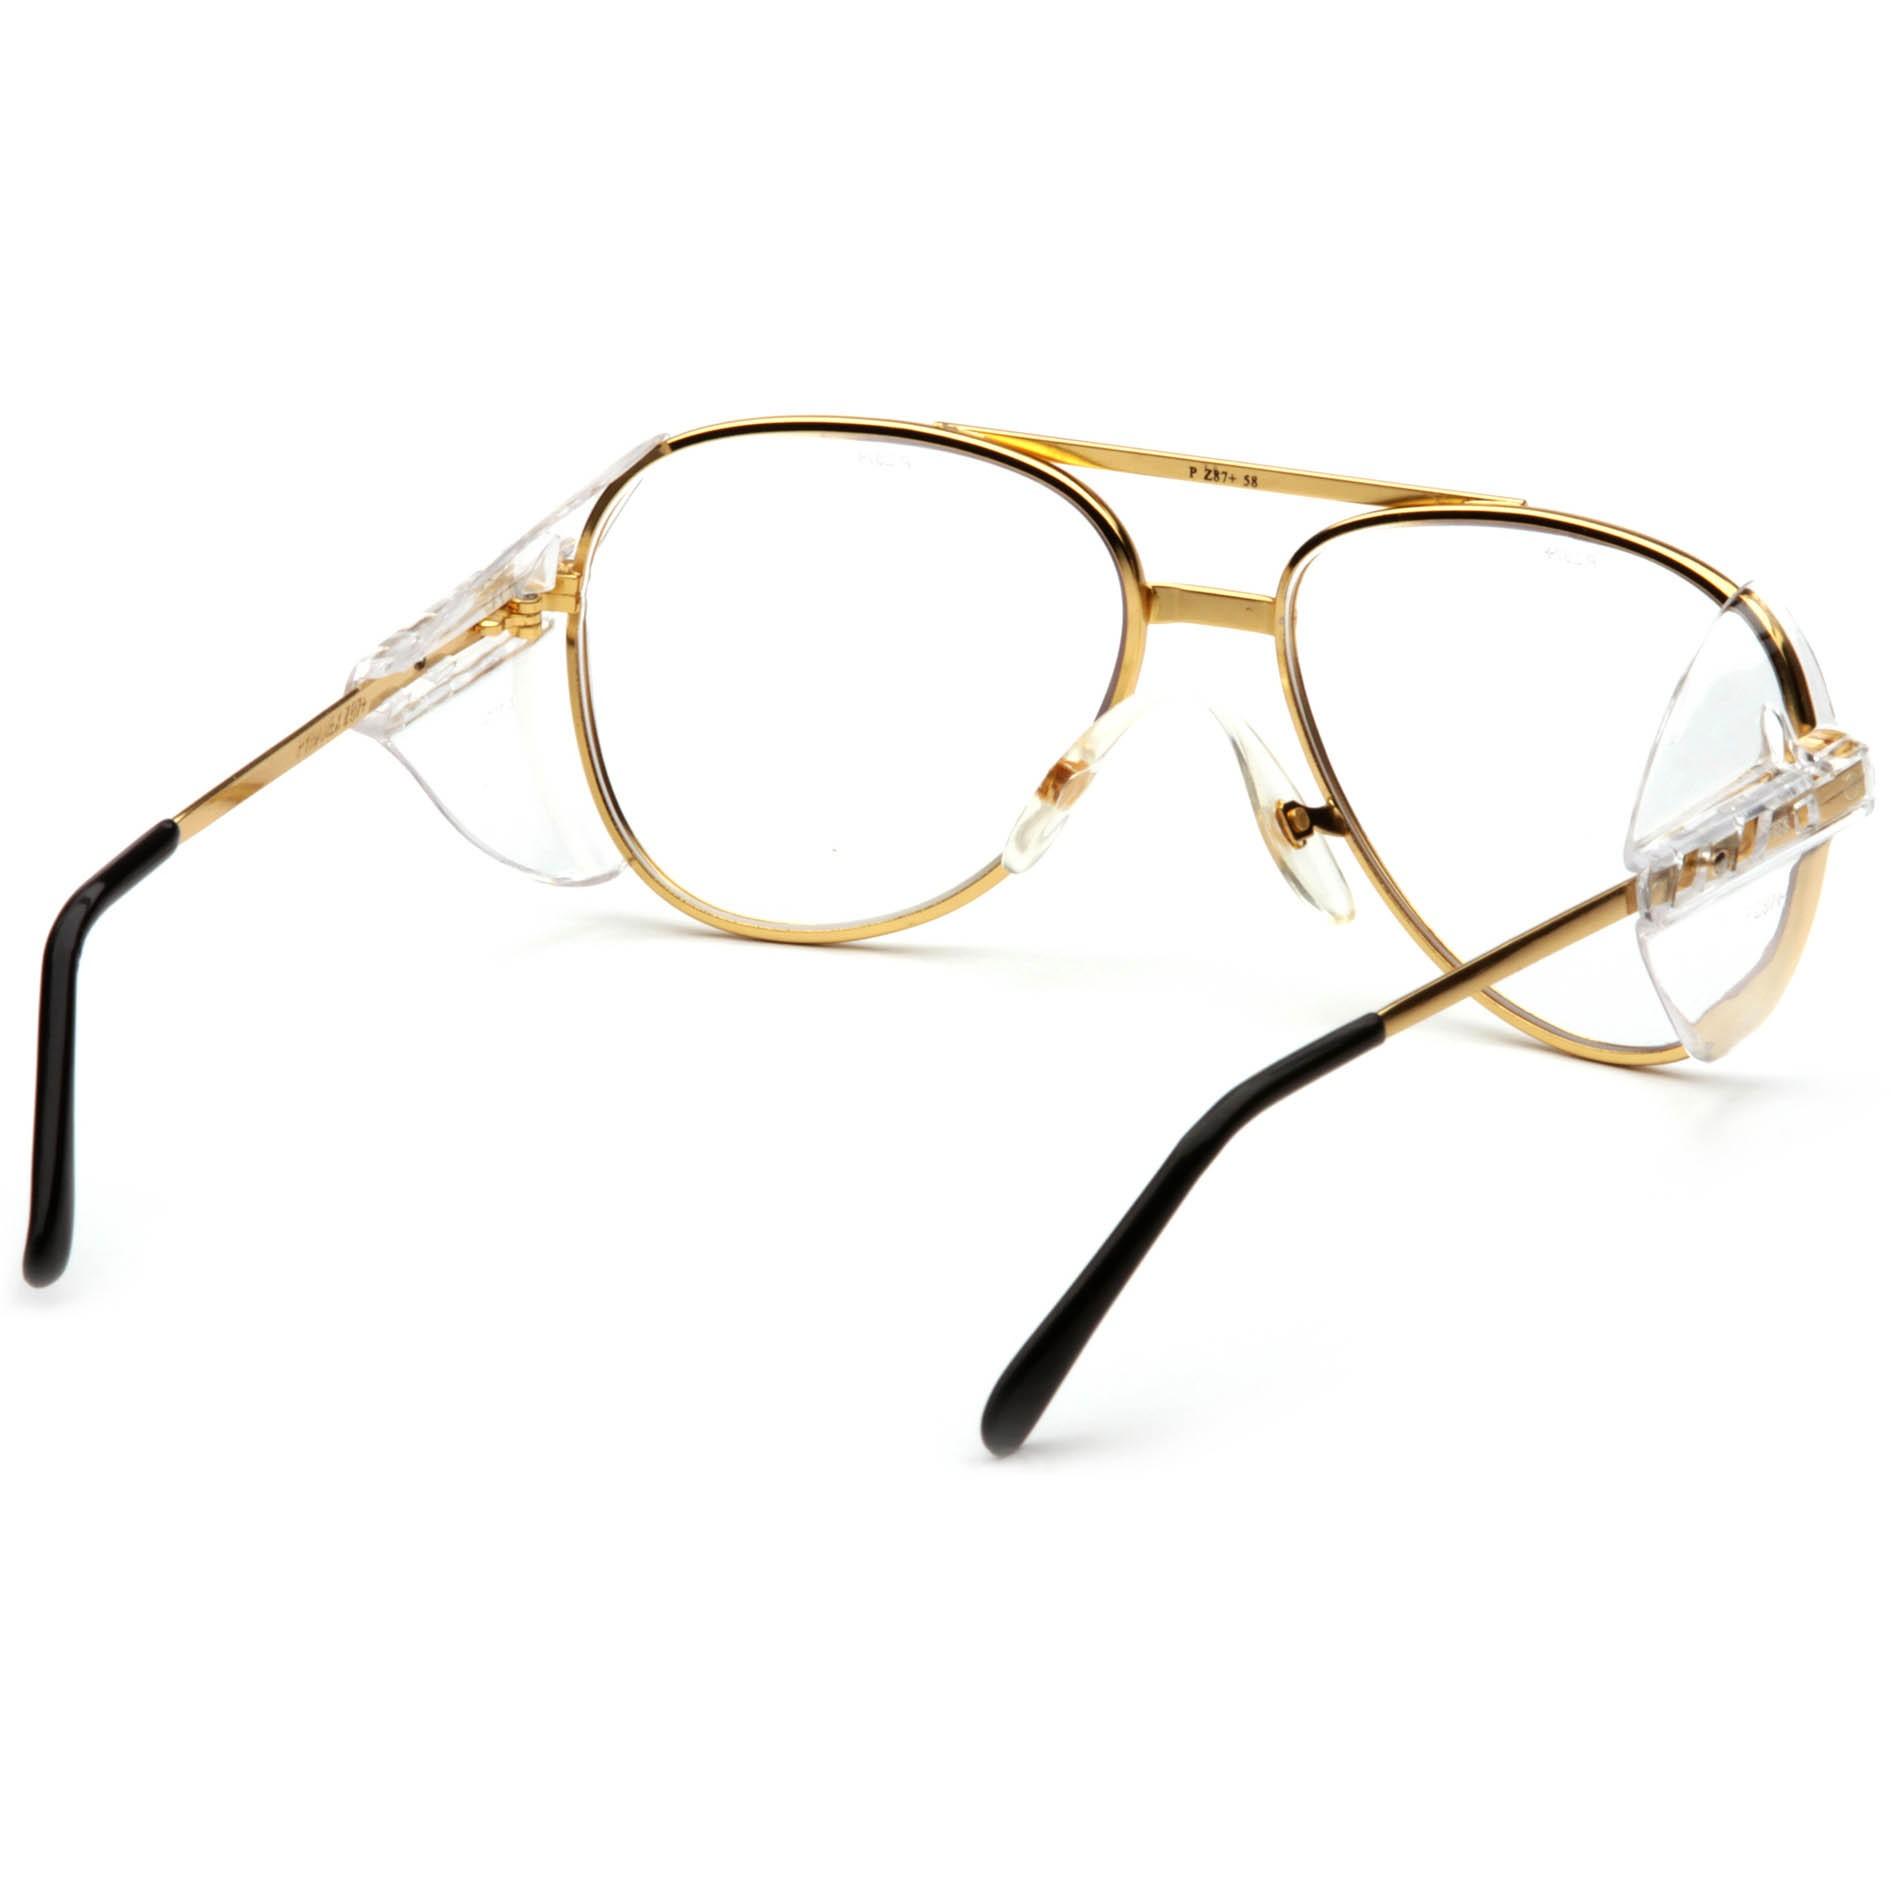 Clear Lens Gold Frame Glasses : Pyramex Pathfinder Safety Glasses - Gold Metal Frame ...